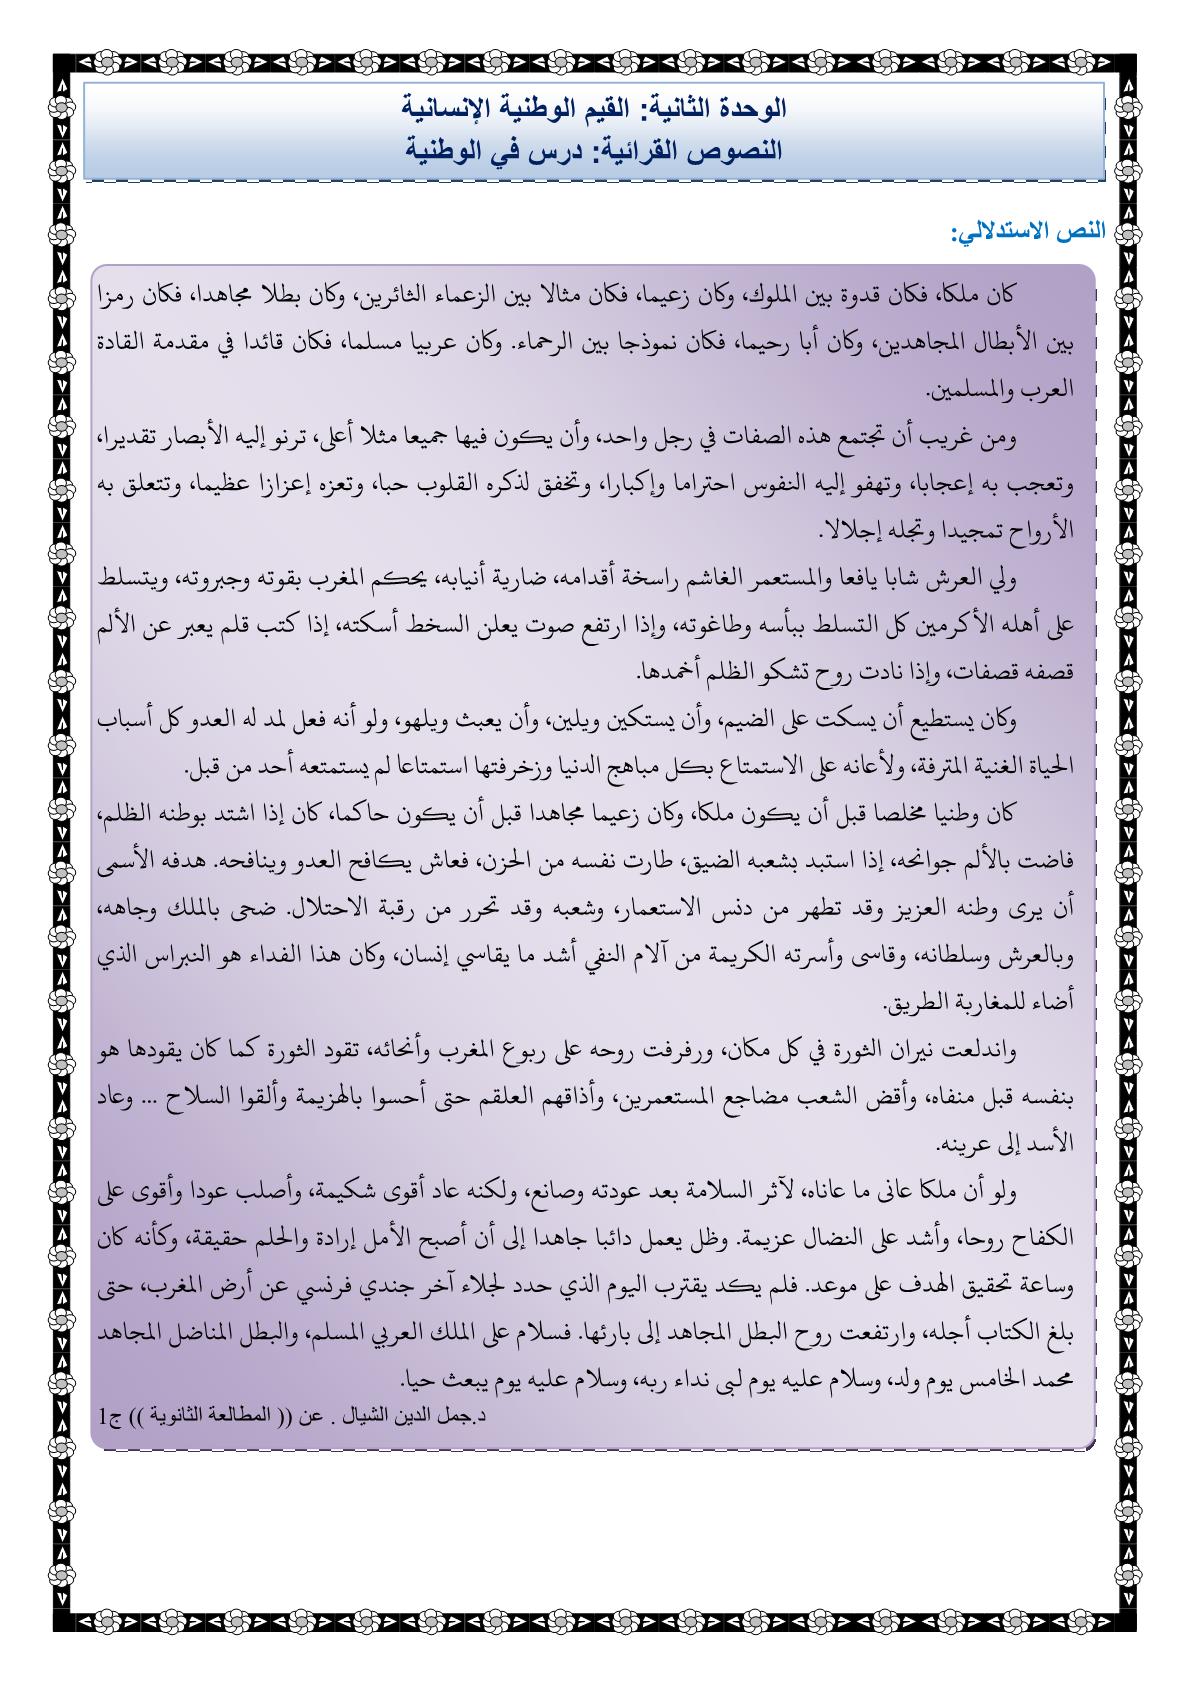 درس في الوطنية مكون النصوص القرائية بمادة اللغة العربية للسنة الثانية اعدادي